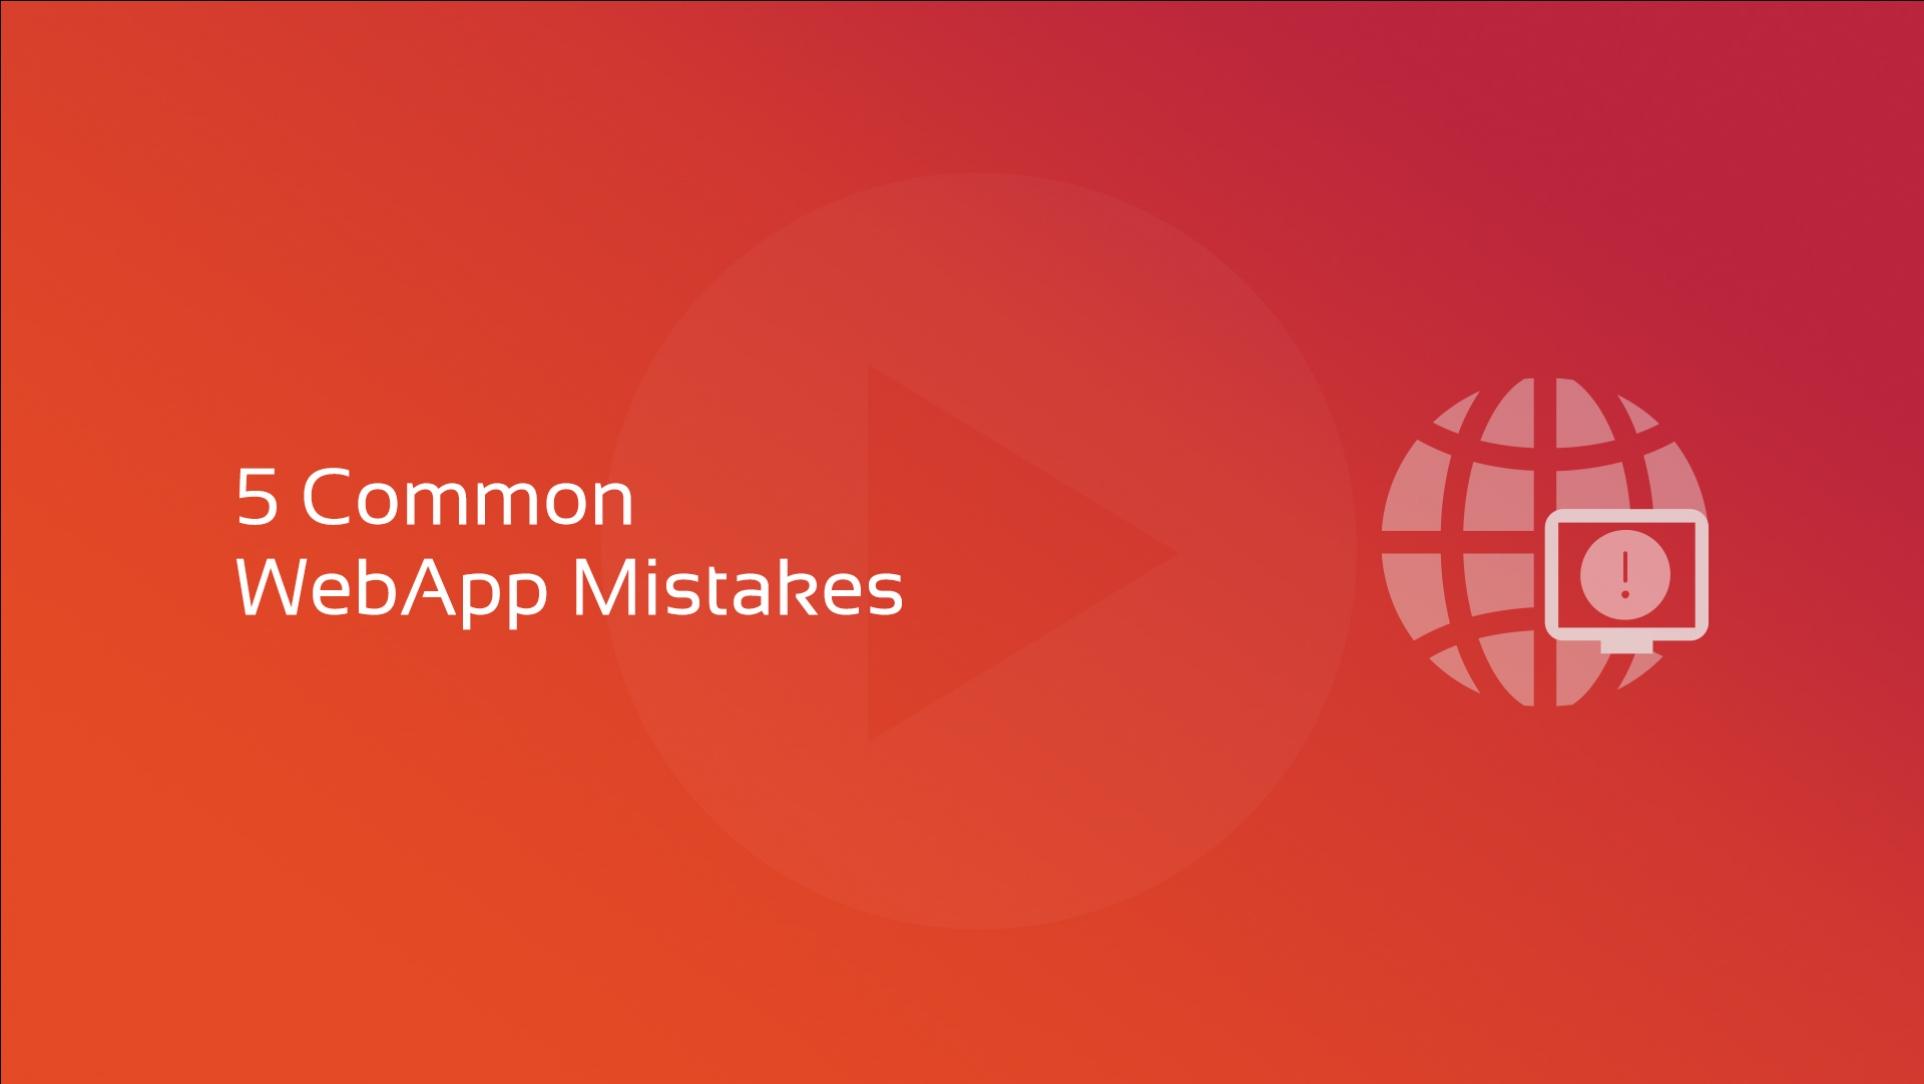 5 Common WebApp Mistakes